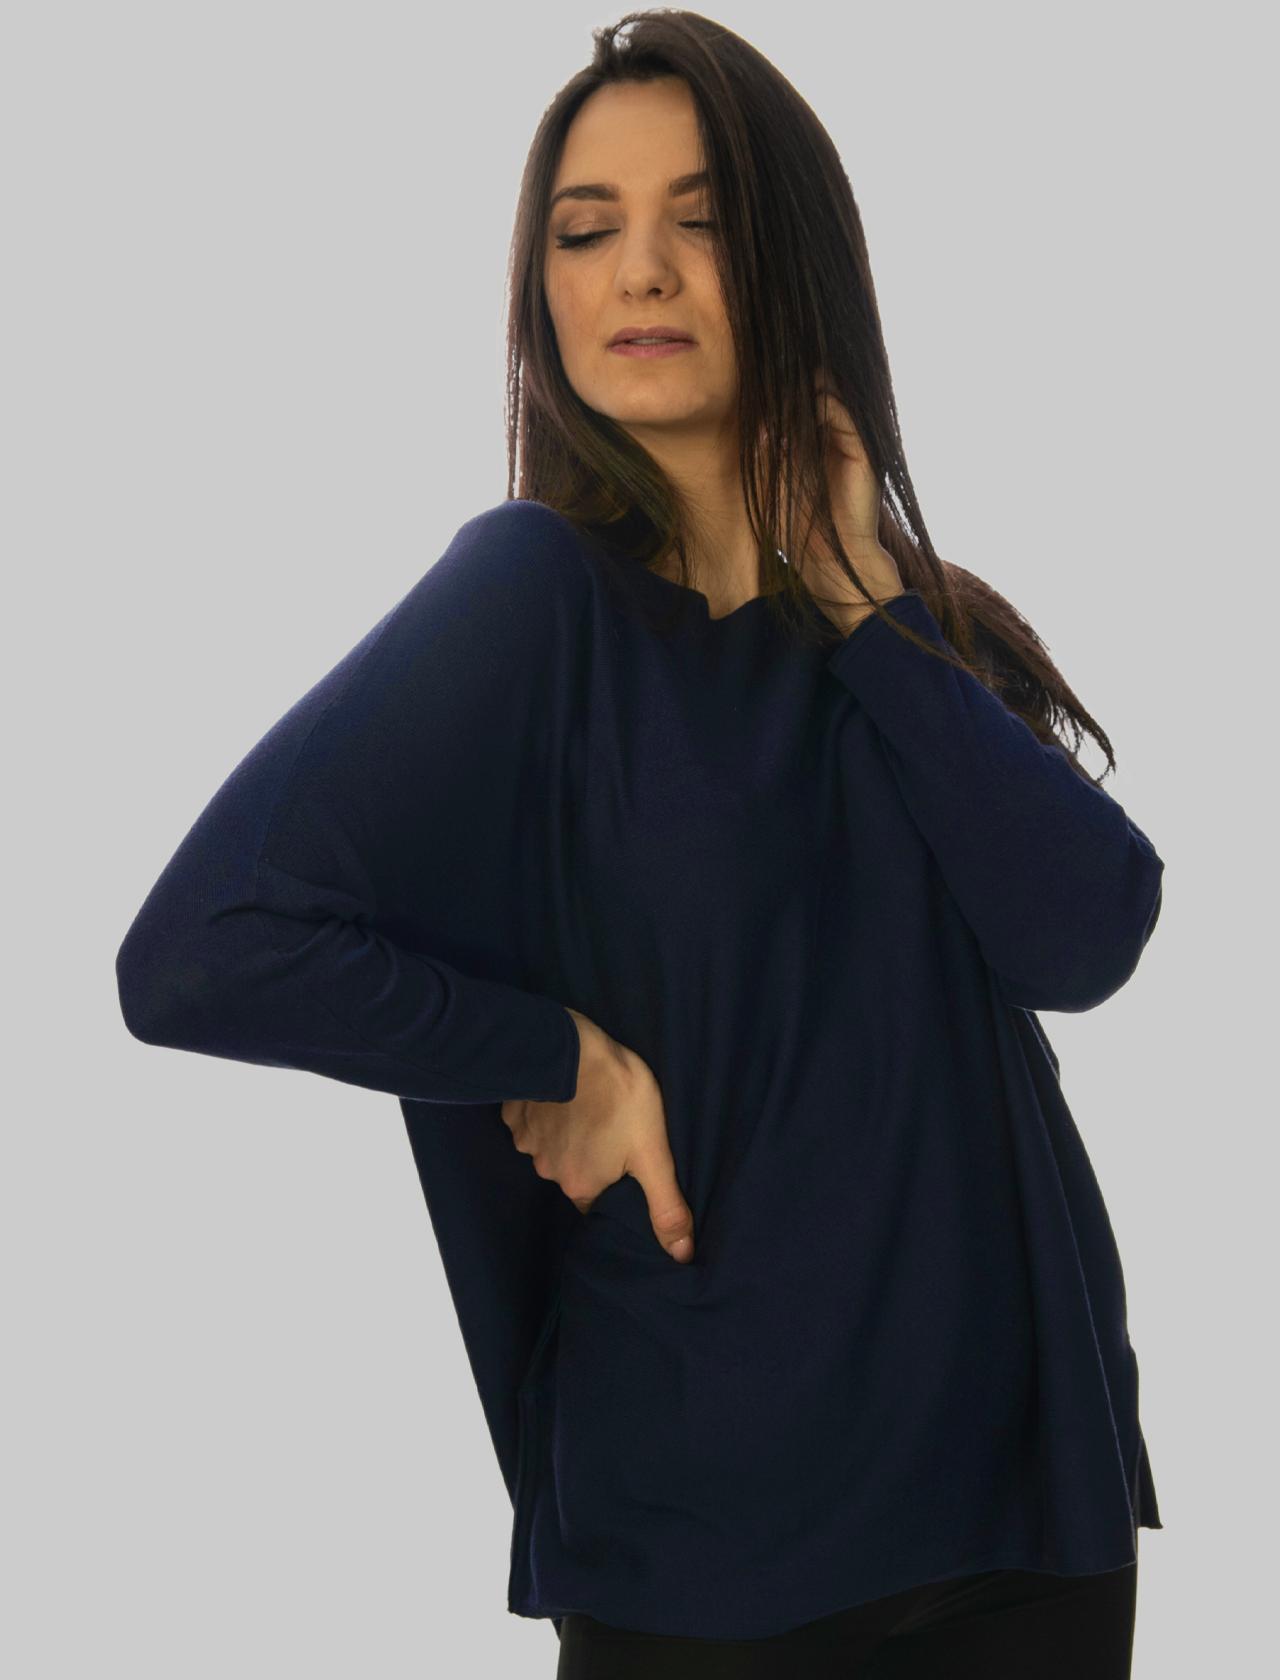 Abbigliamento Donna Maglia Smooth Spring in Cotone Rosso a Girocollo e Maniche Lunghe Maliparmi   Maglieria   JQ48667612880000